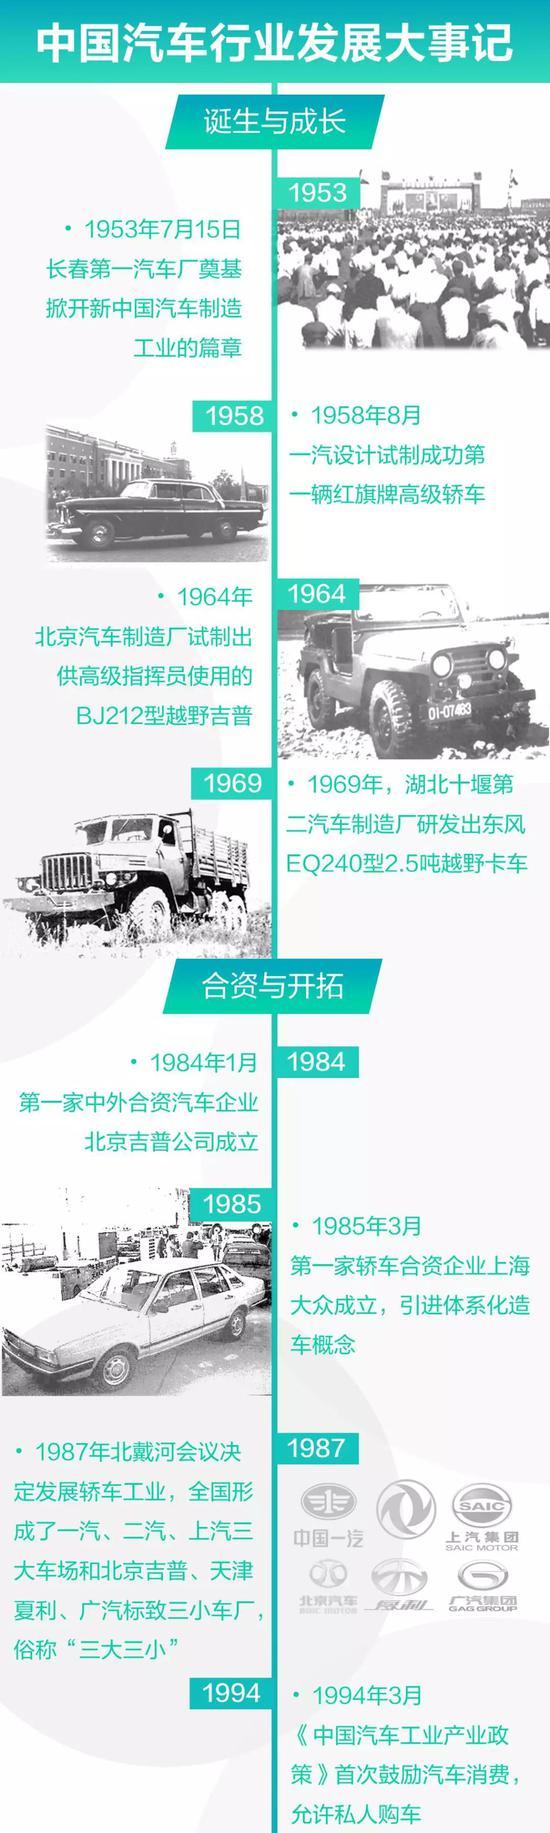 晚间公告热点追踪:武汉凡谷控股股东及一致人减持1%